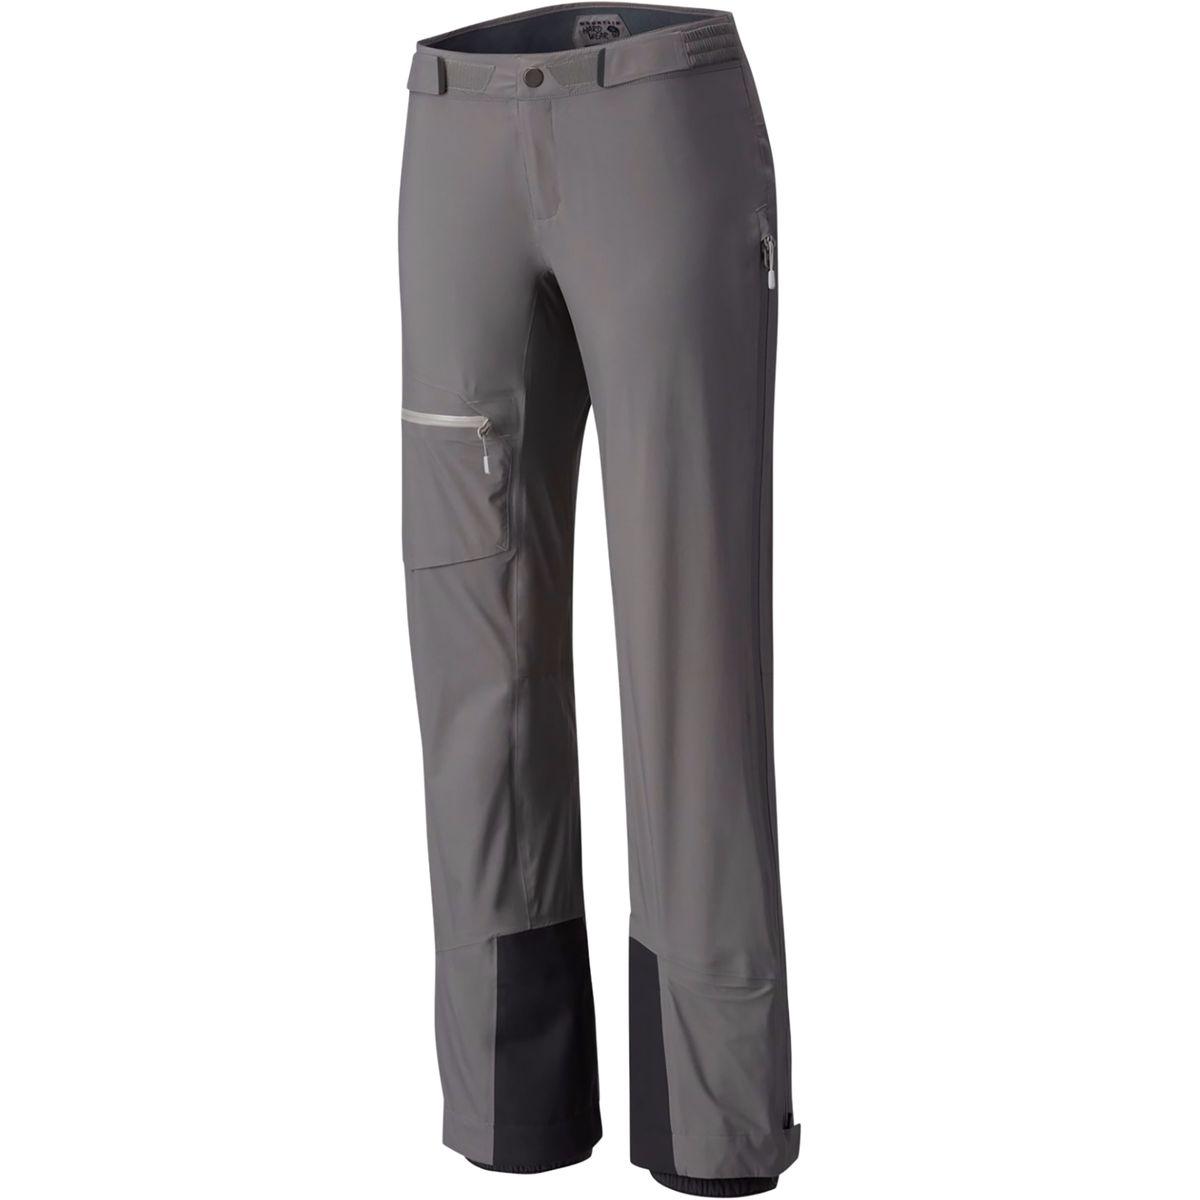 Mountain Hardwear Superforma Pant - Women